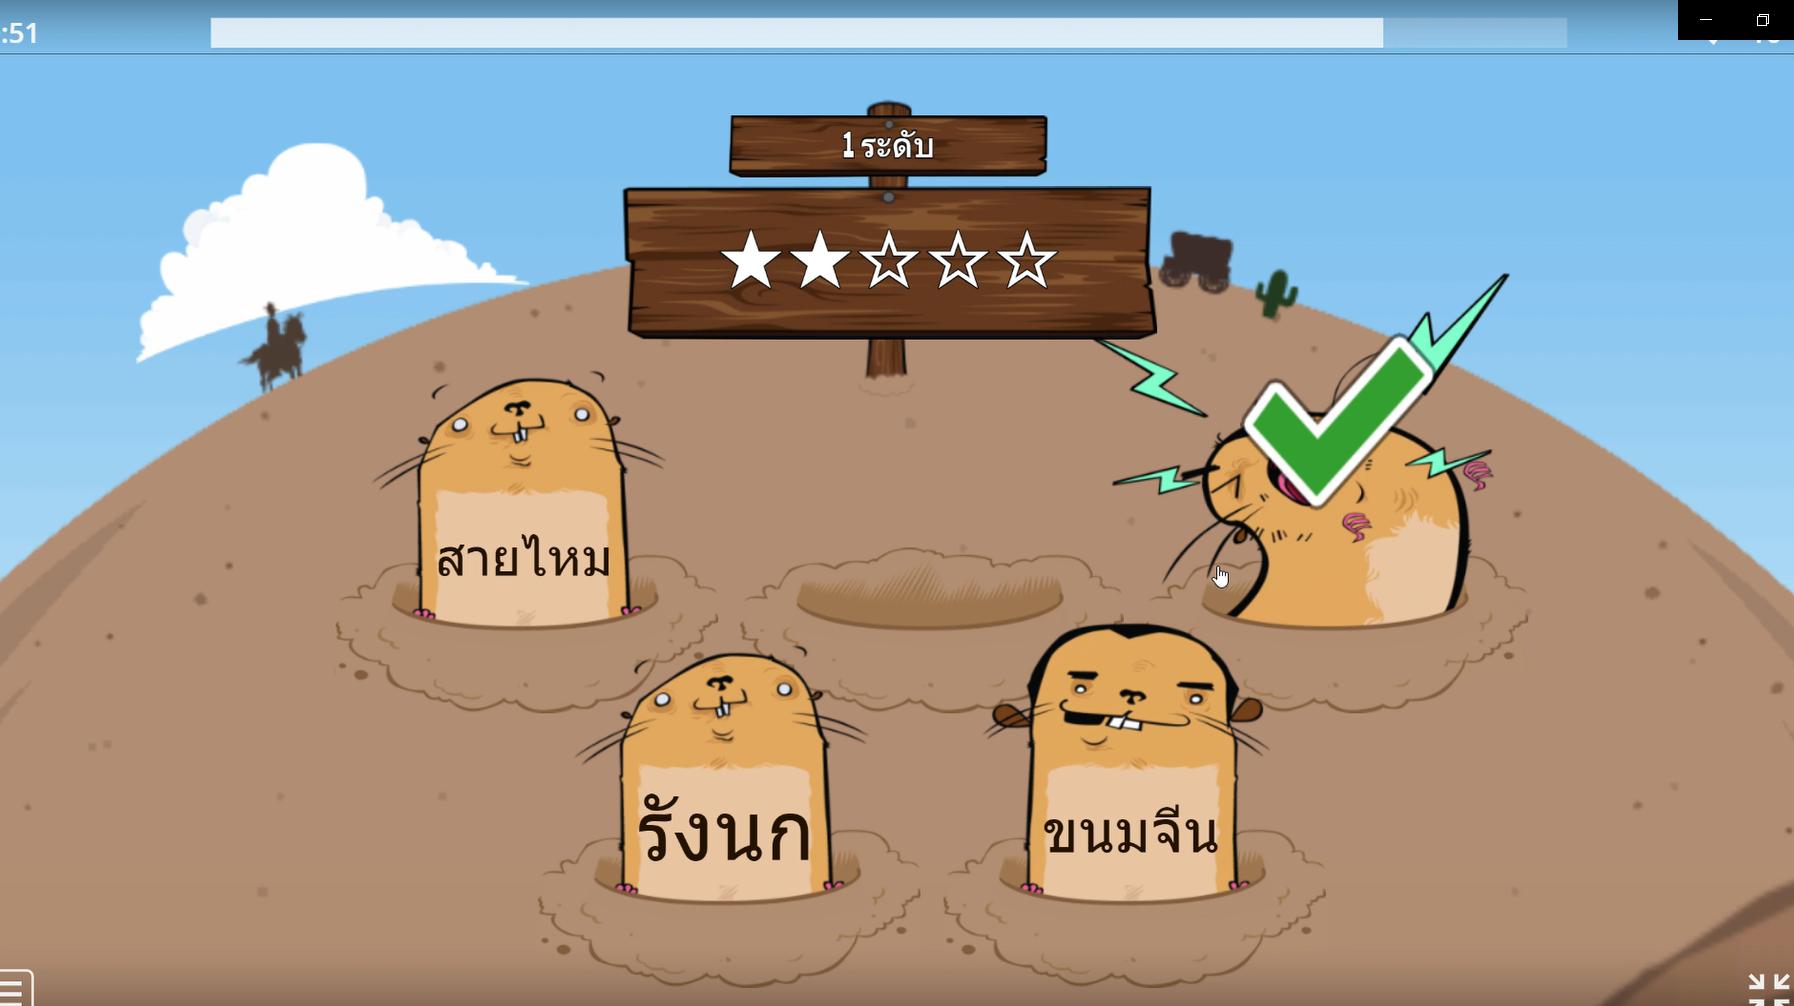 ภาพประกอบไอเดีย เกมตีตัวตุ่นอาหารในกาพย์เห่ชมเครื่องคาวหวาน